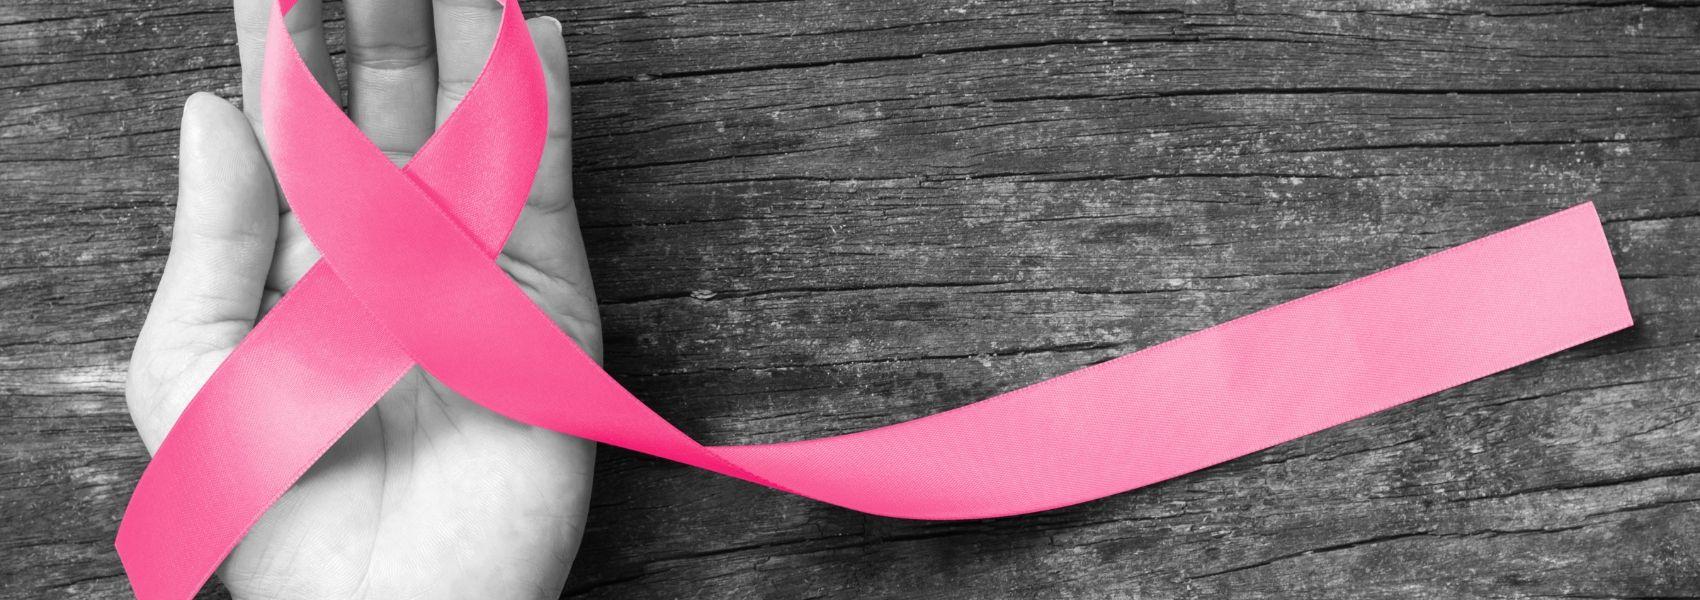 Relatório internacional sobre cancro confirma: doentes são muitas vezes esquecidos